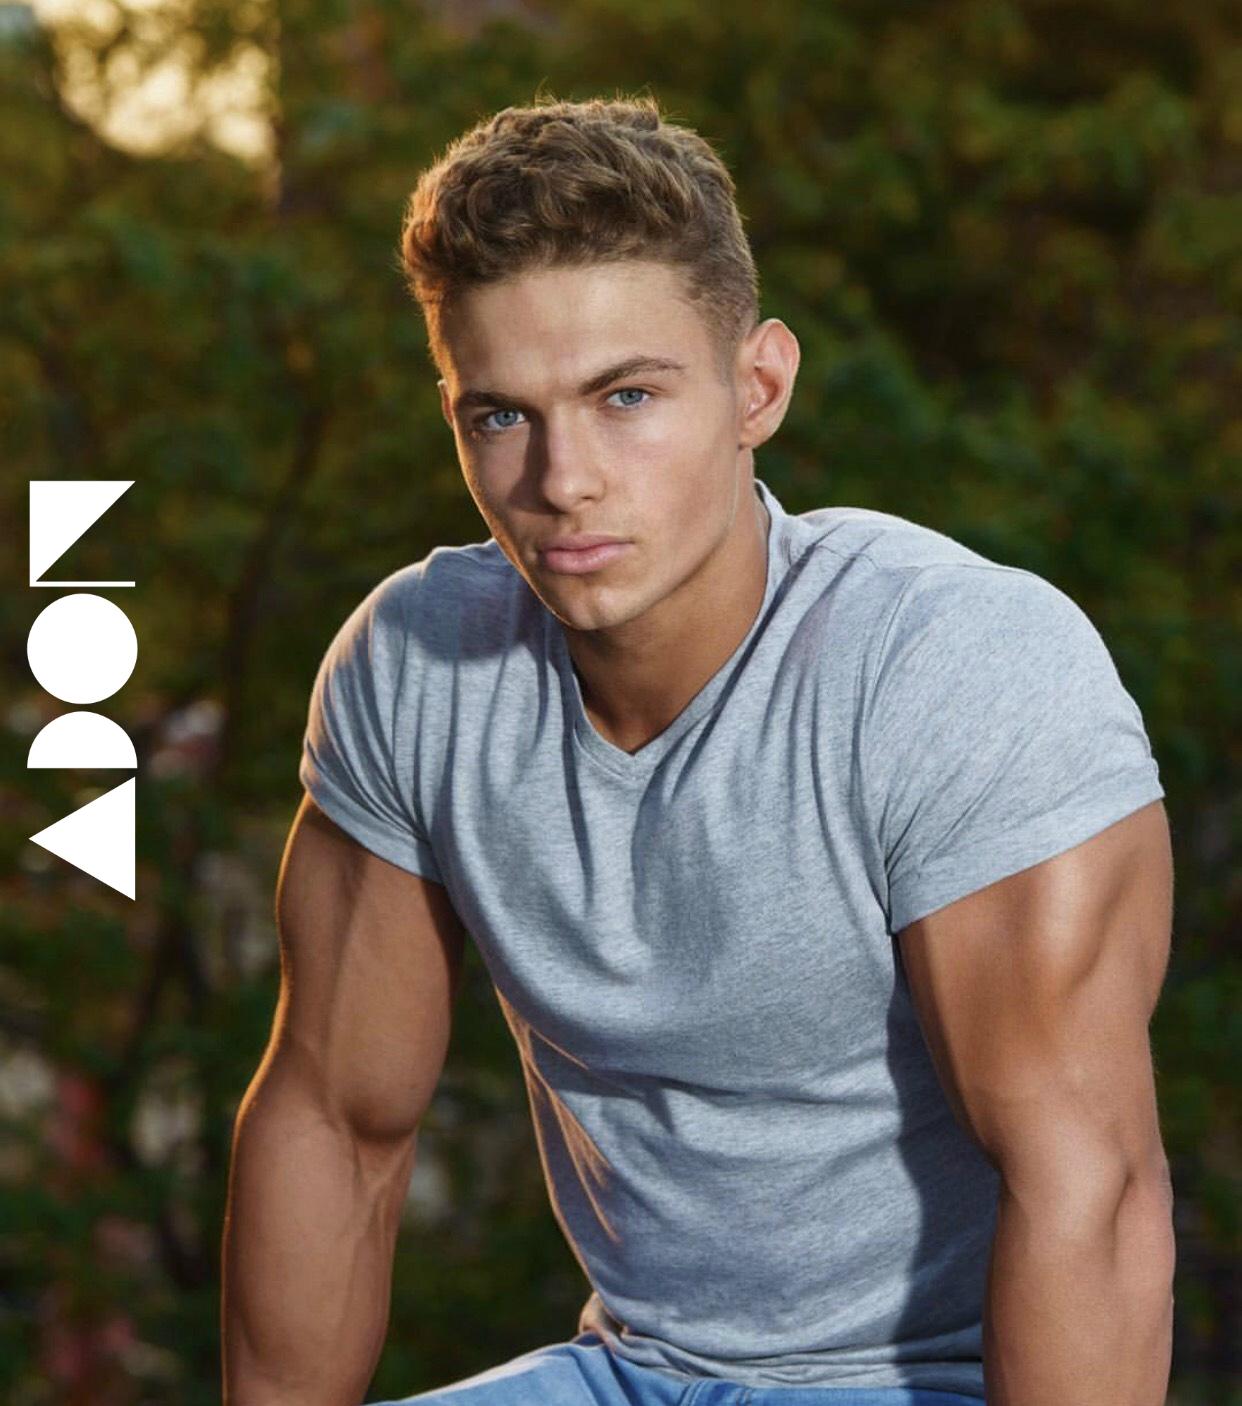 Adon Exclusive: Model Colton Wergin